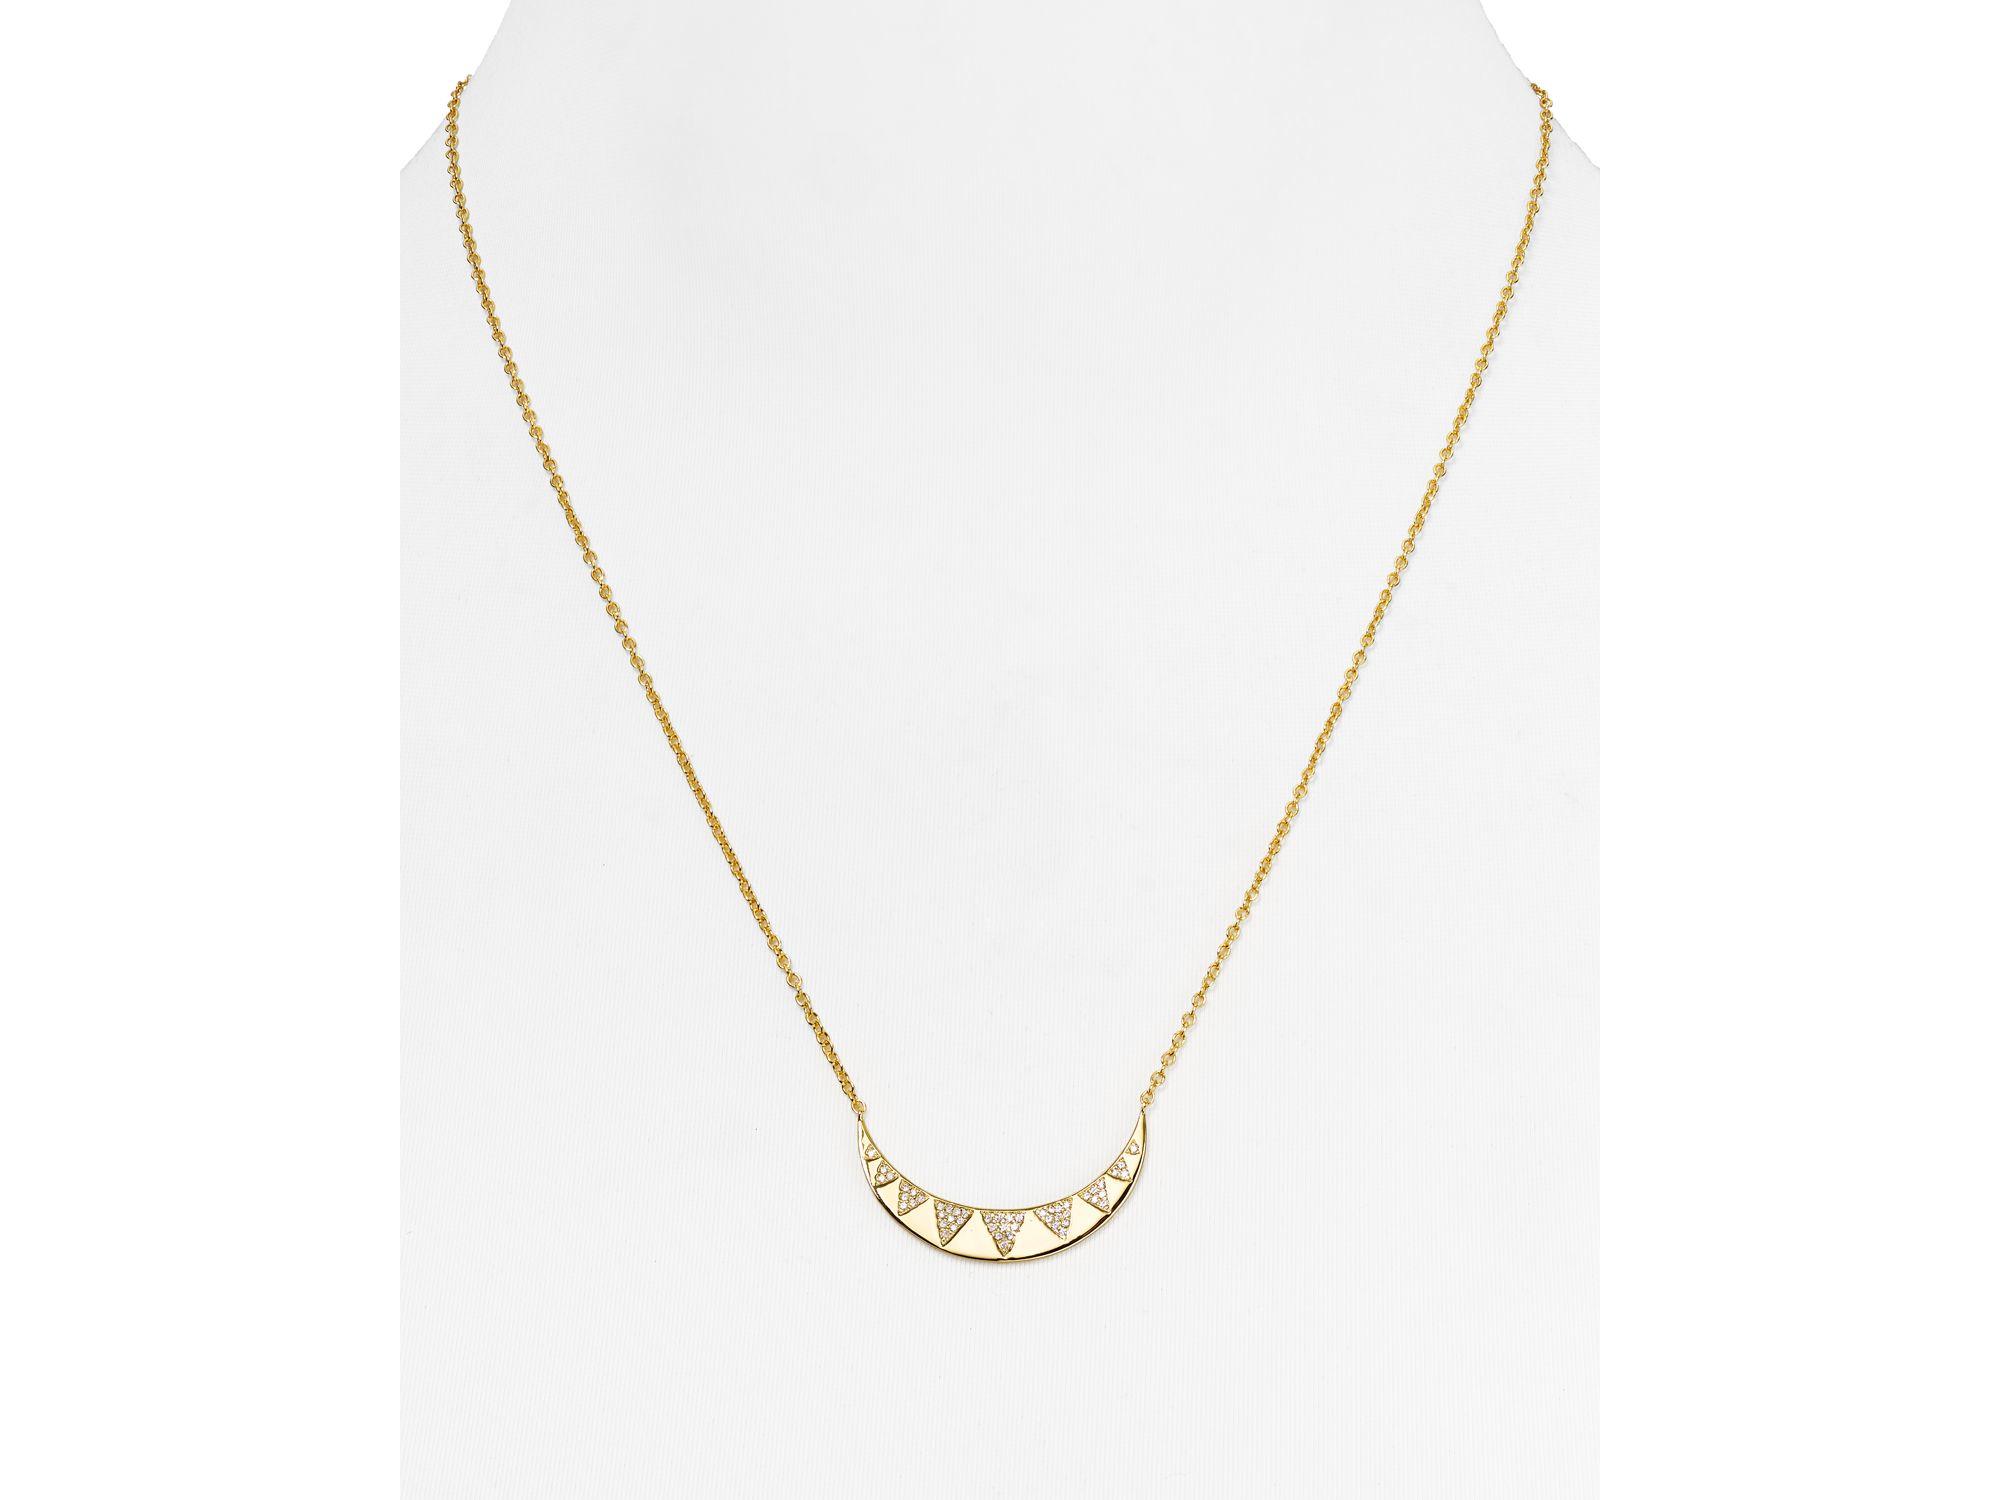 Gorjana Shimmer Layered Five-Chain Necklace JKArqMGhPr